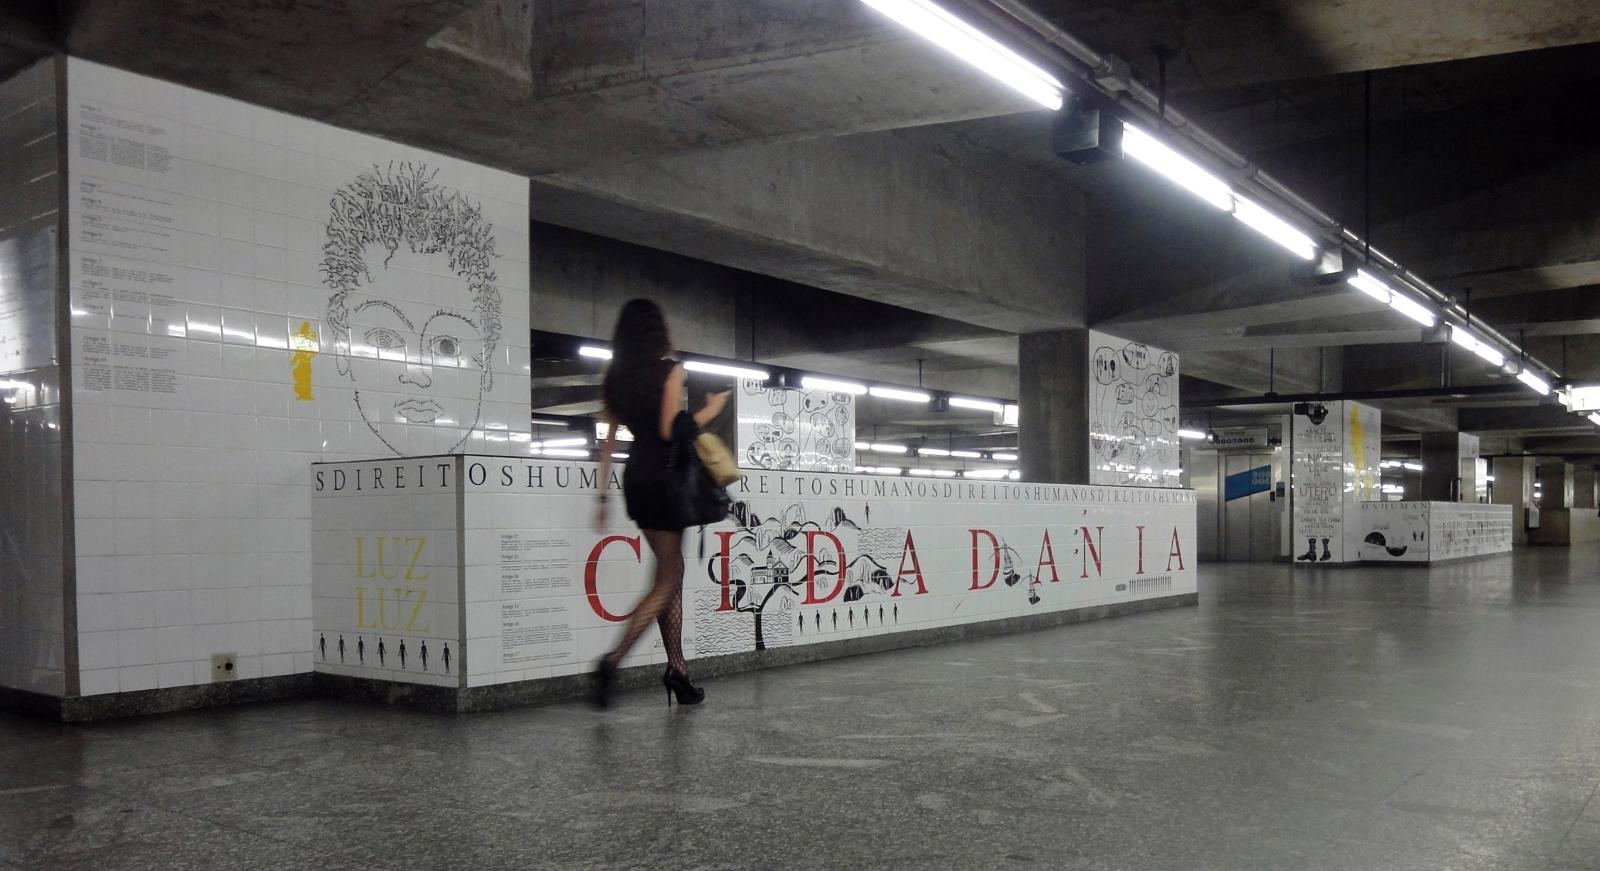 La station Luz de São Paulo (achevée en 2017), œuvre participative pérenne, créée avec plus de 1000jeunes des favelas de la ville. 500 m